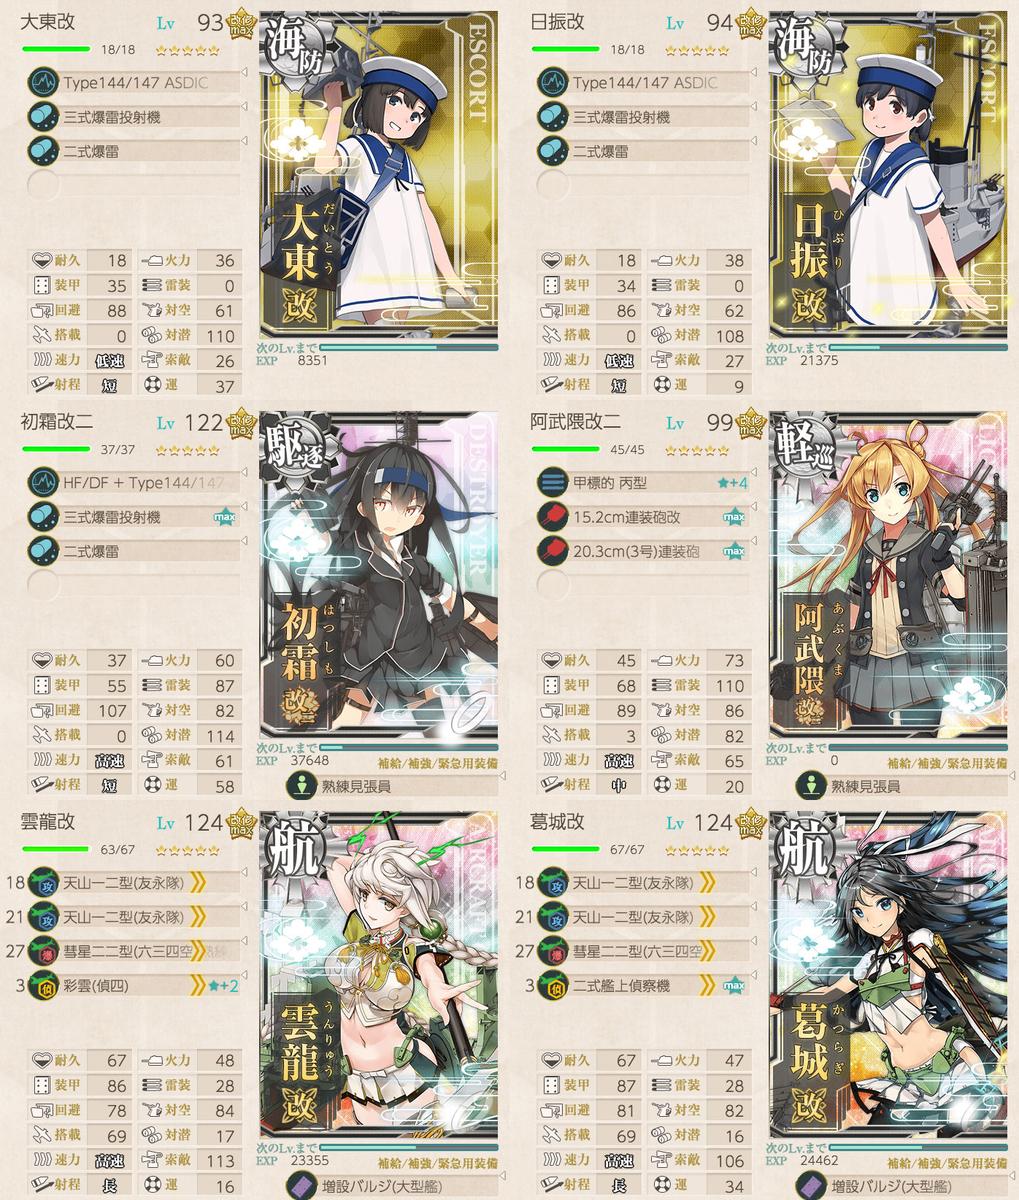 f:id:nameless_admiral:20200707105042j:plain